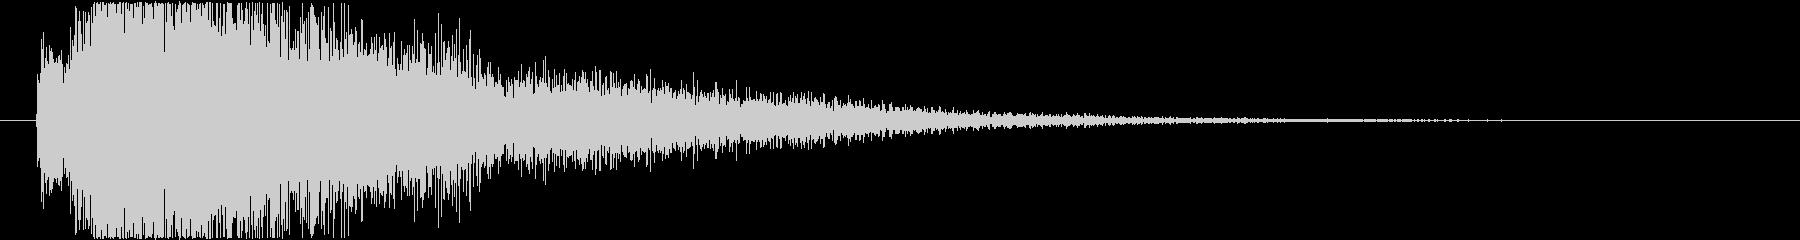 近未来的なレベルアップ効果音の未再生の波形